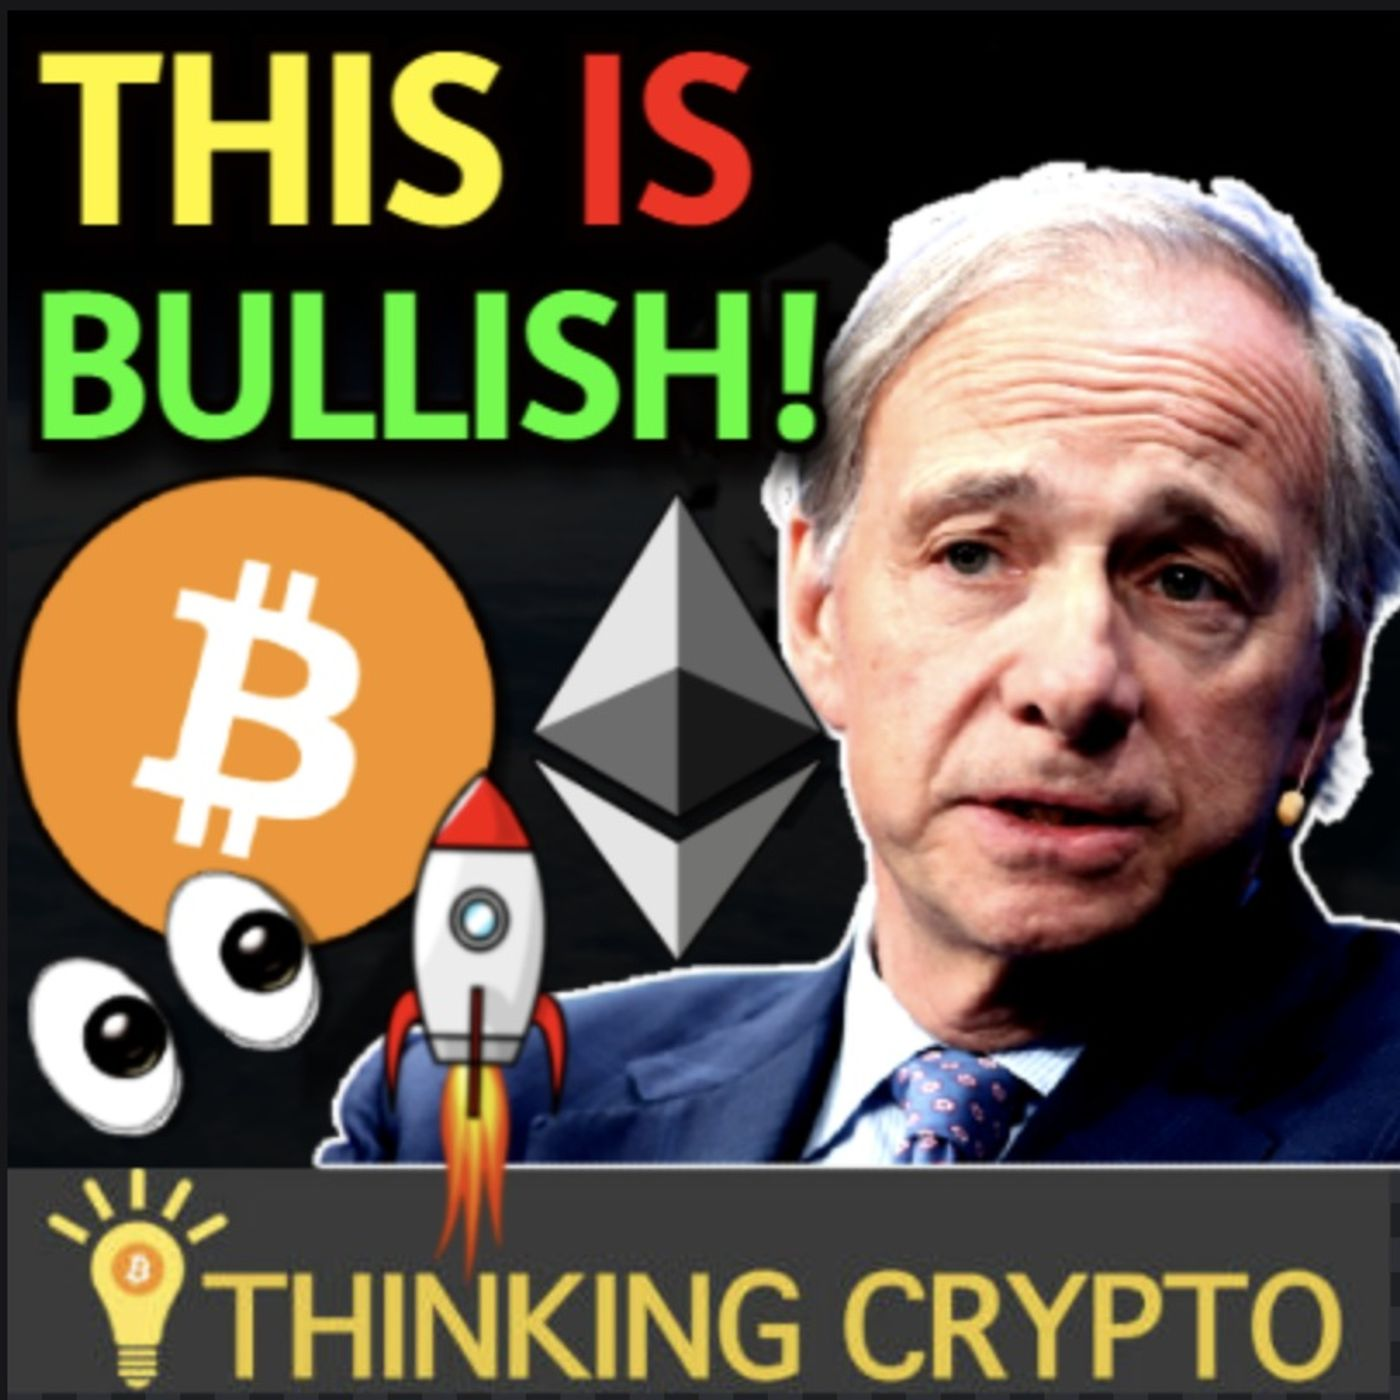 Ray Dalio Buys Bitcoin! - Elon Musk & Michael Saylor US Bitcoin Miners Renewable Energy